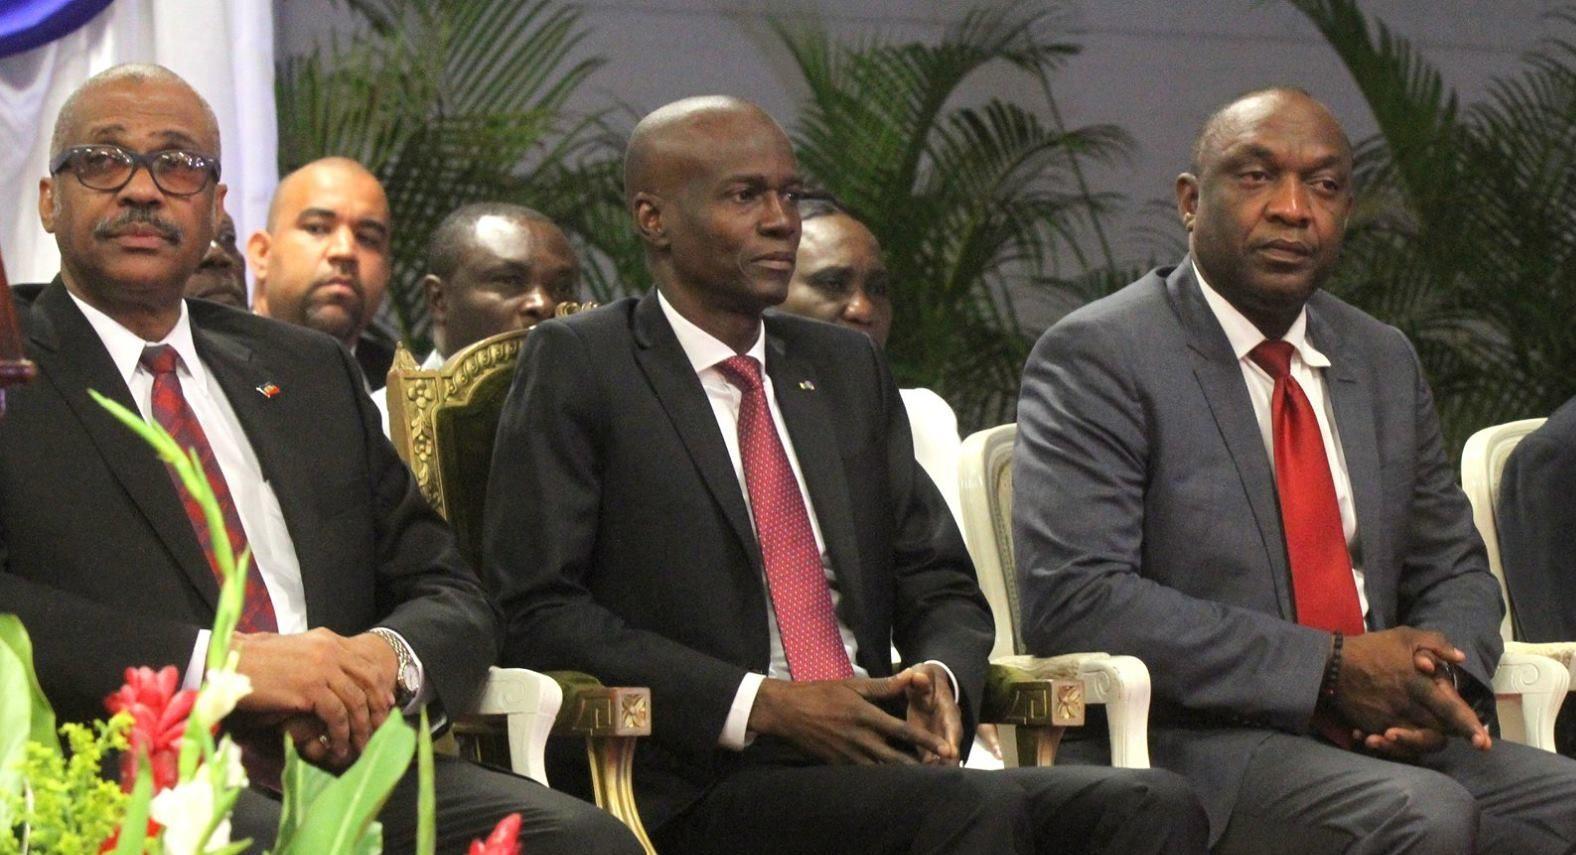 Le président du Senat Youri Latortue exprime son insatisfaction des résultats du gouvernement de Jack Guy Lafontant aux côtés du président Jovenel Moïse, qui, estime-t-il, travaille sans relâche. Photo: Haiti Sentinel